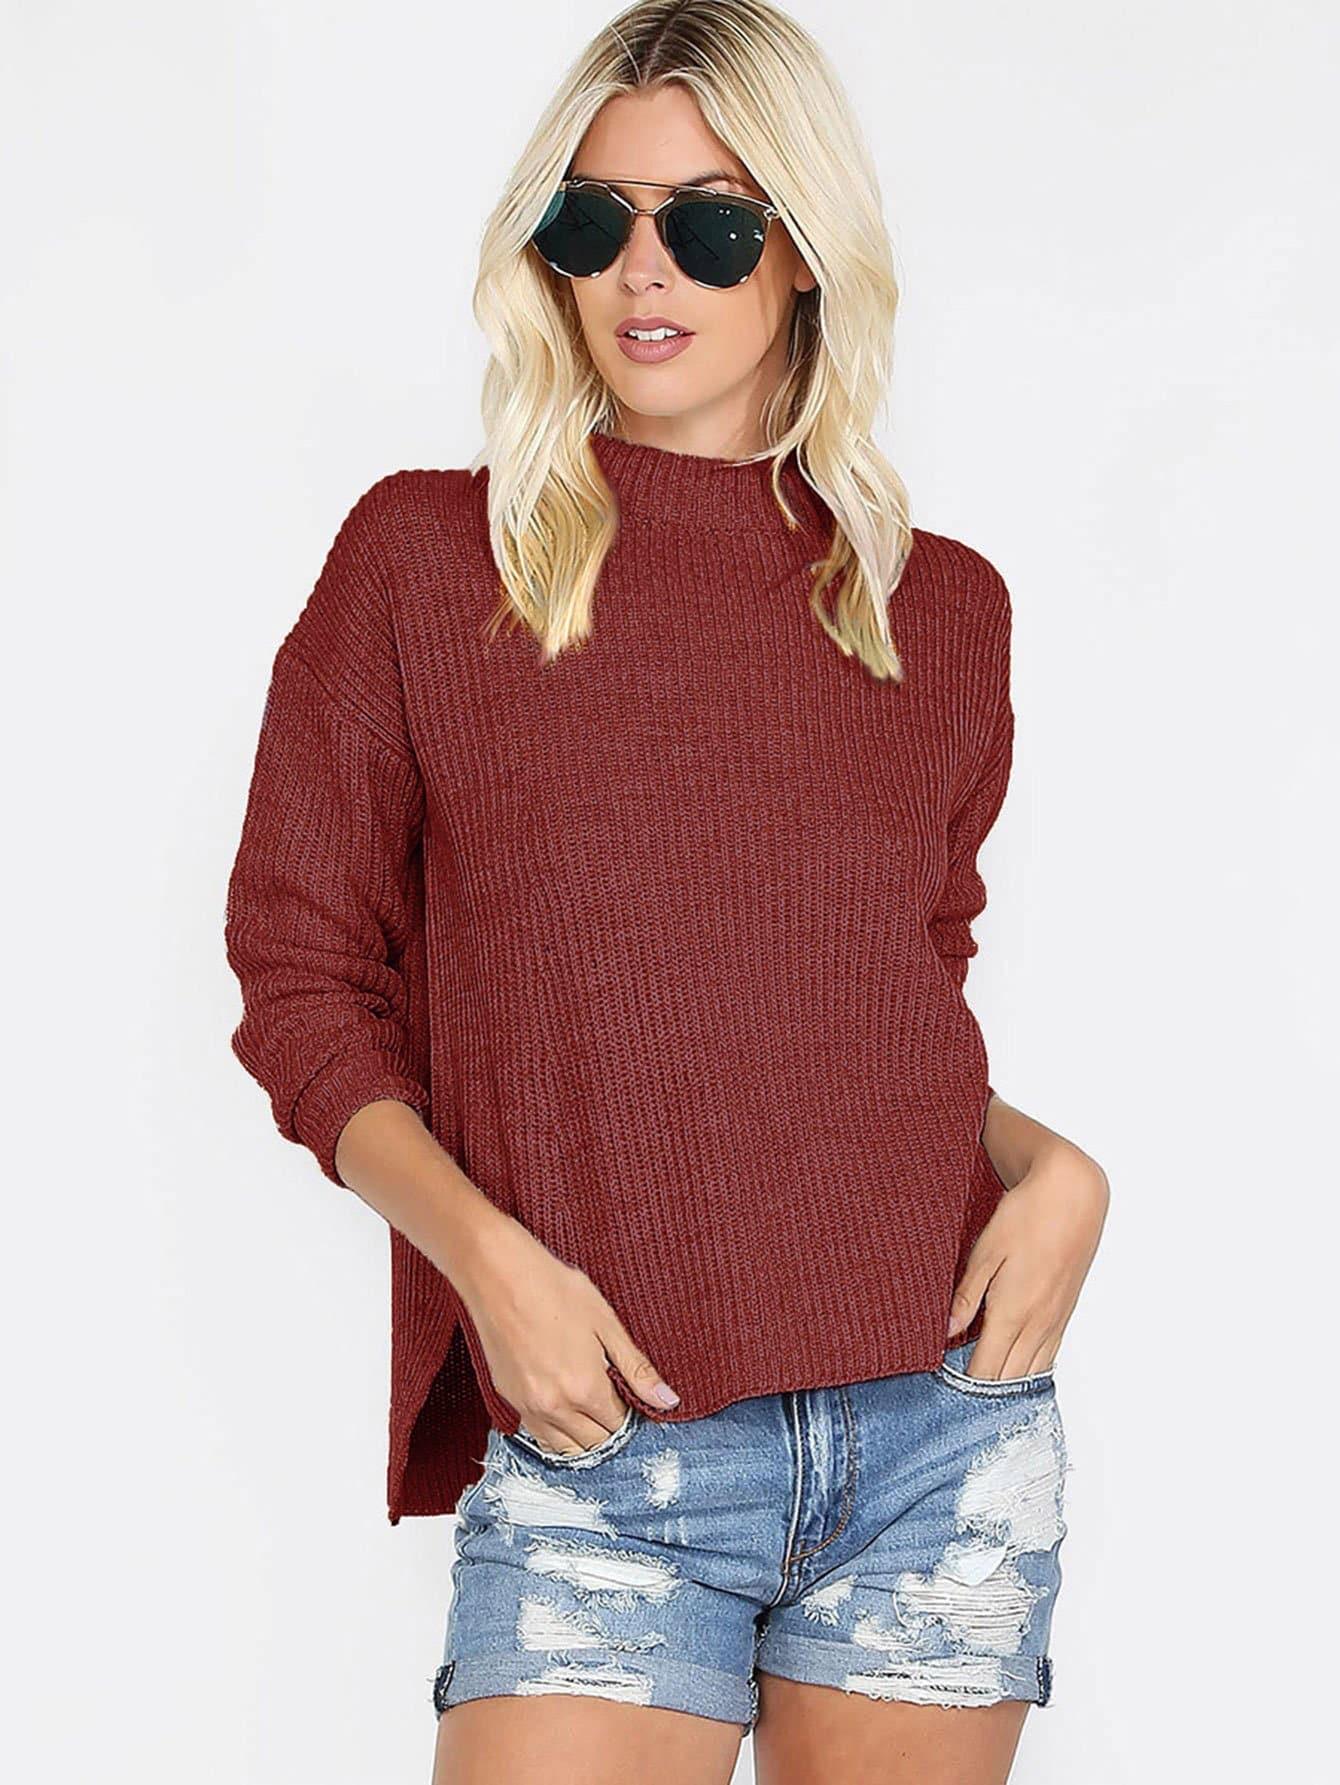 Купить Однотонный свитер с полосатым низом, Abigail Plunk, SheIn